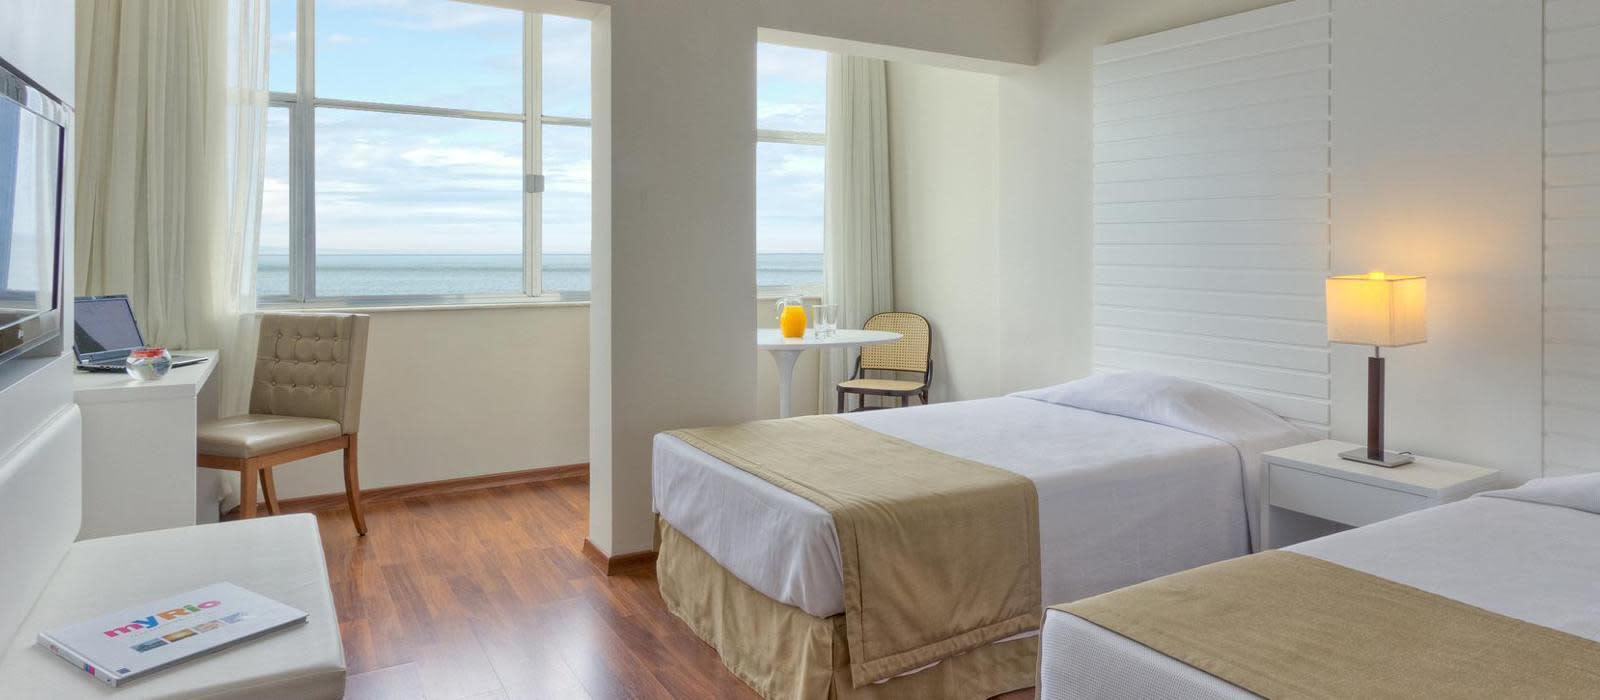 Hotel Mercure Rio de Janeiro Copacabana Brasilien